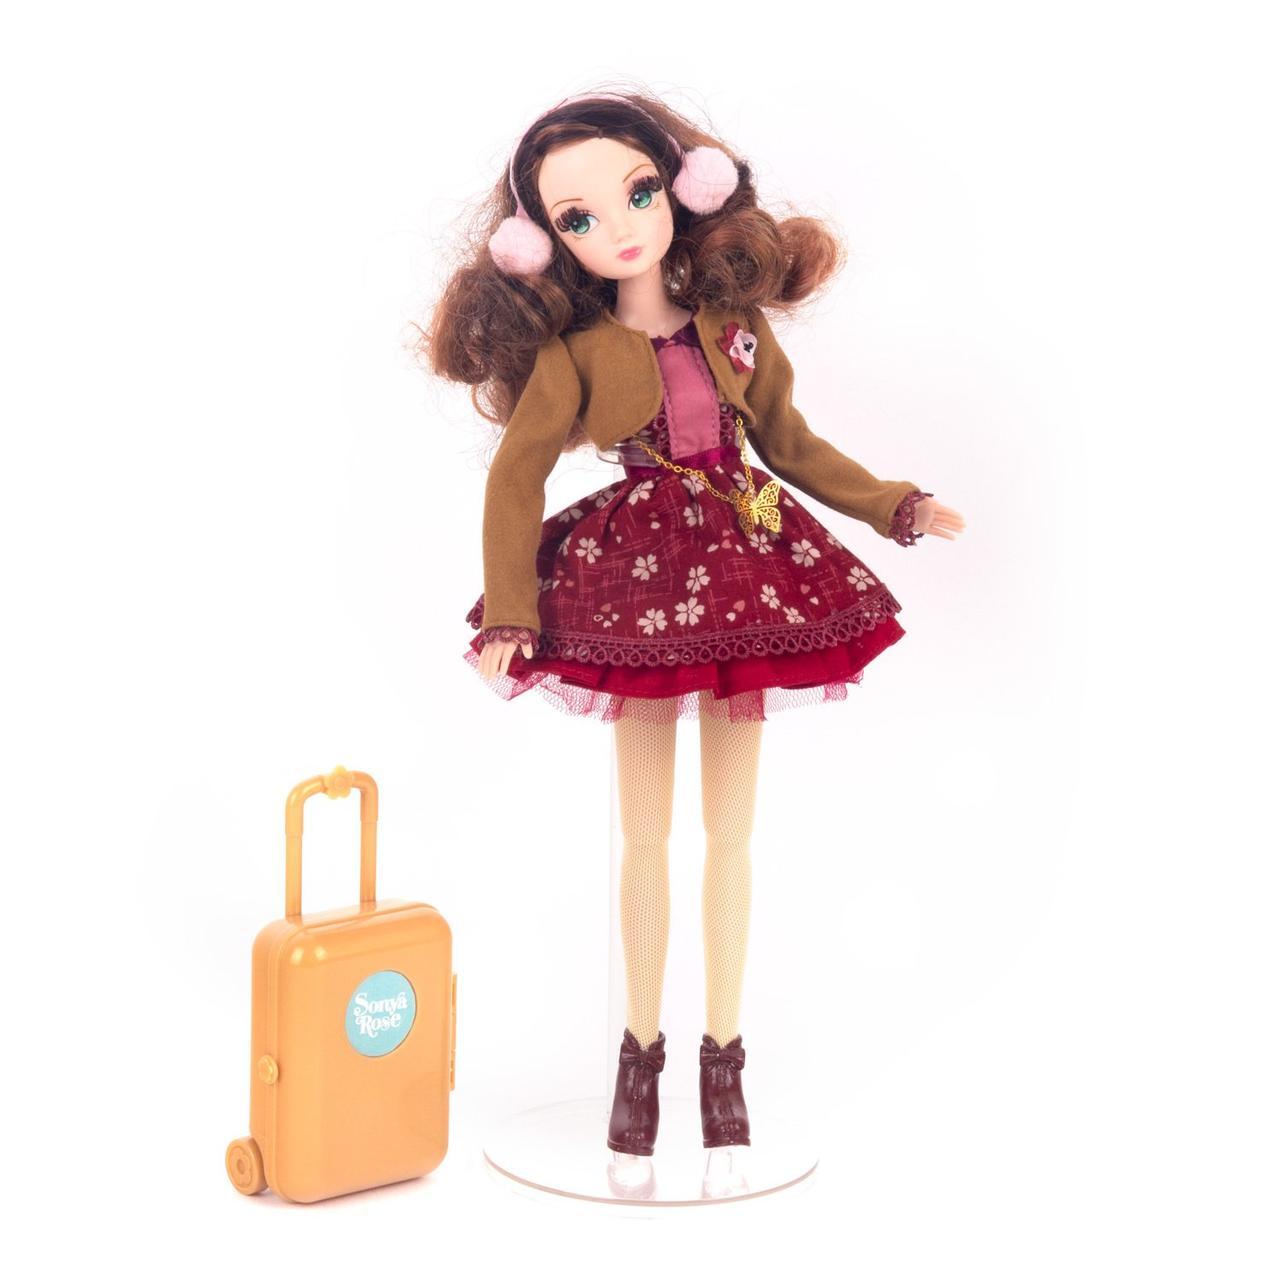 """Кукла Sonya Rose, серия """"Daily collection"""" Путешествие в Японию (Gulliver, Россия) - фото 2"""